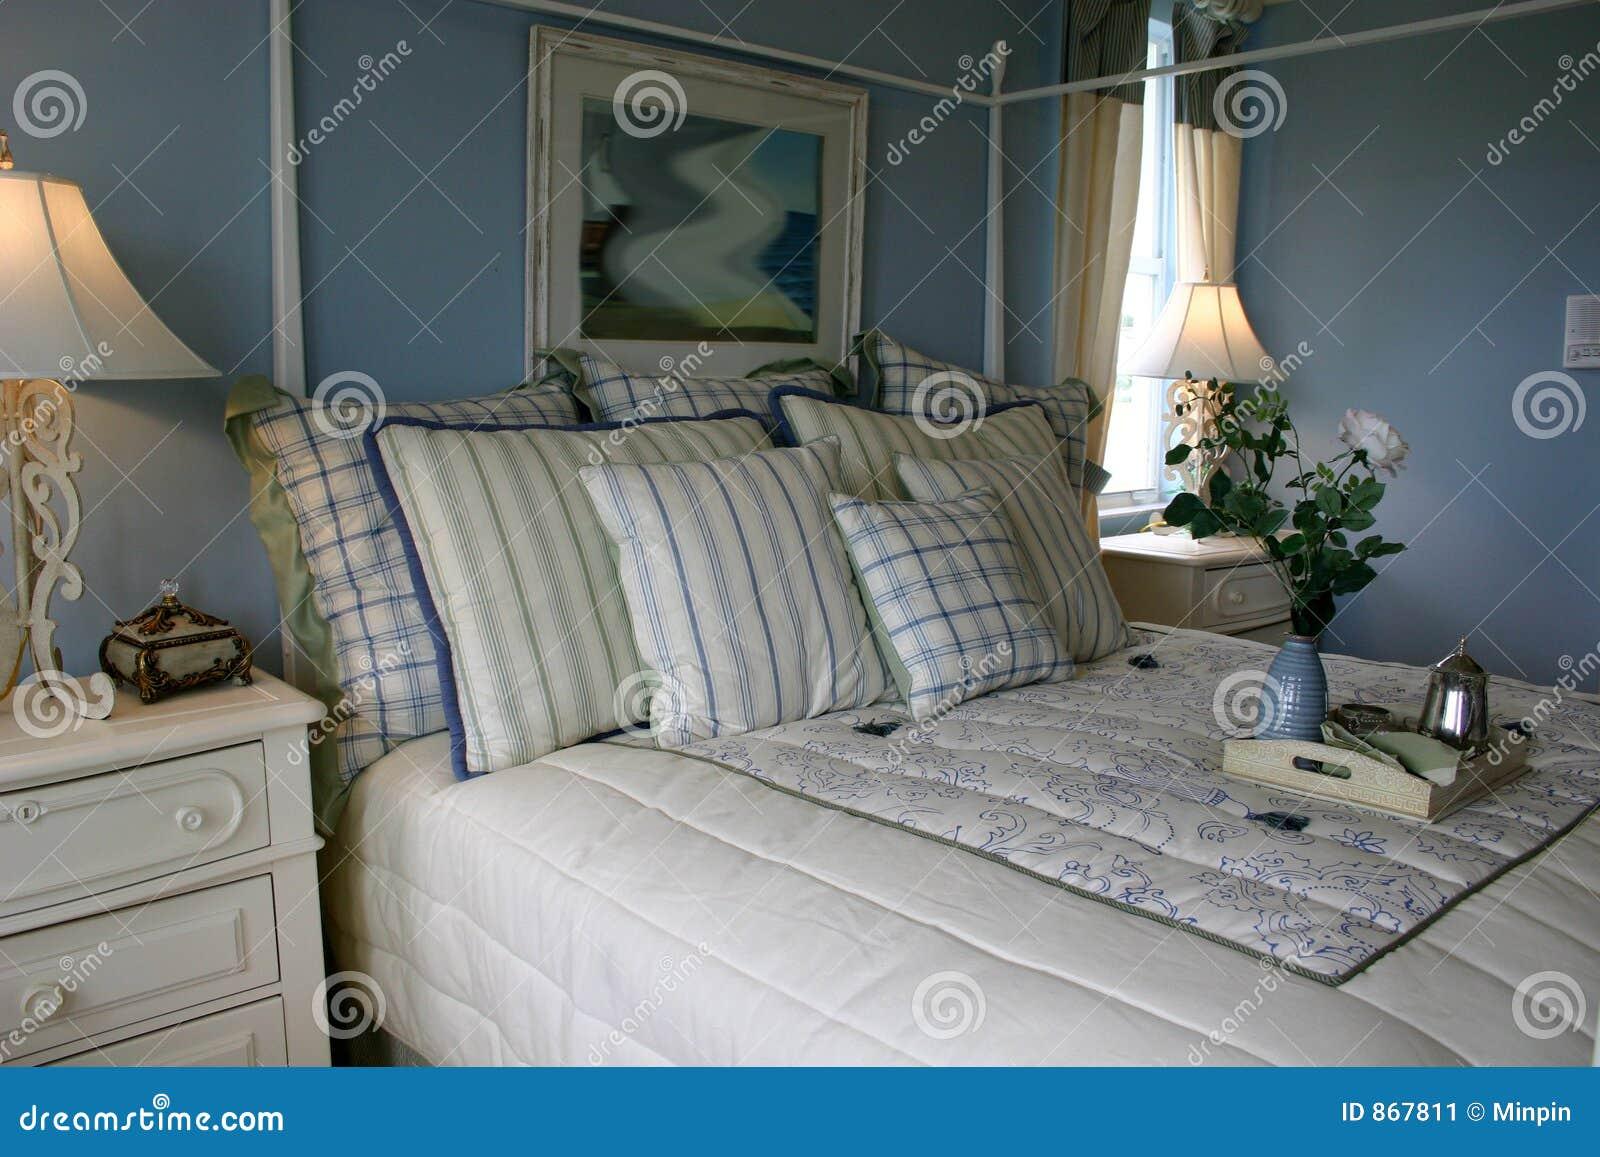 Schlafzimmer blaue wände – midir